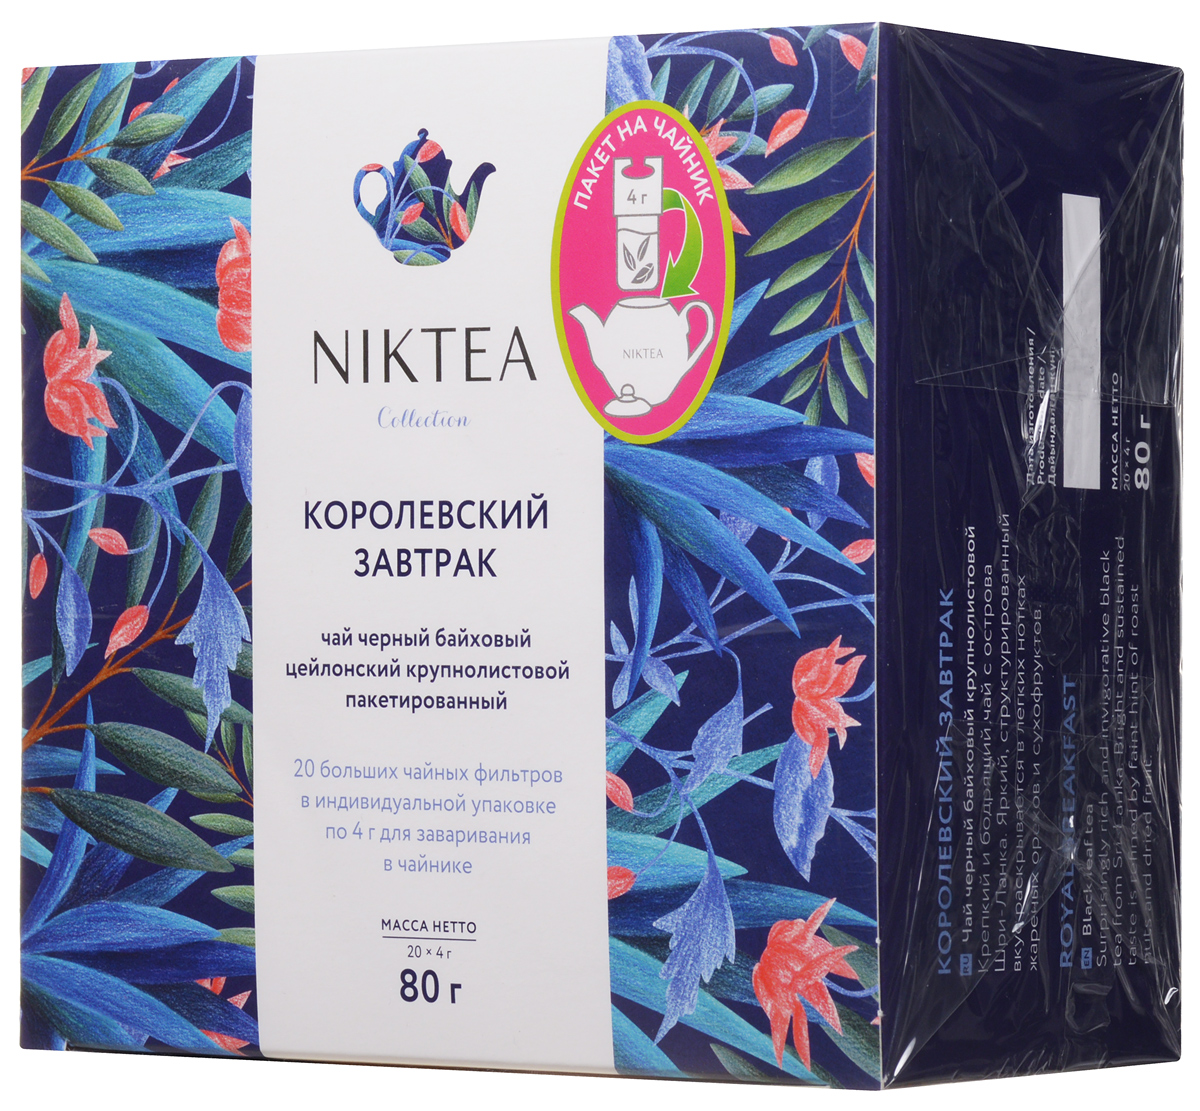 Niktea Royal Breakfast чай черный для чайника, 20 пакетов по 4 гTALTHA-GP0005Niktea Royal Breakfast - крепкий и бодрящий чай с острова Шри-Ланка. Яркий, структурированный вкус раскрывается в легких нотках жареных орехов и сухофруктов.Коллекция NikTea разработана командой экспертов, имеющих богатый опыт в чайной индустрии. Во время ее создания выбирались самые надежные поставщики из Европы и стран происхождения чая, а в линейку включили не только топовые аутентичные позиции, но и новые интересные рецептуры в традициях современной чайной миксологии.NikTea - это действительно качественный чай. Для истинных ценителей мы предлагаем безупречное качество: отборное сырье, фасовку на высокотехнологичном производственном комплексе в России, постоянный педантичный контроль готового продукта, а также сертификацию сырья по международным стандартам.NikTea - это разнообразие. В линейках листового и пакетированного чаяпредставлены все основные группы вкусов - от классического черного и зеленого чая до ароматизированных, фруктовых и травяных композиций.NikTea - это стиль. Необычная упаковка с модным авторским дизайном создает яркий и запоминающийся стиль, а интересные коктейльные рецептуры дают возможность экспериментировать со вкусами.NikTea для чайников - коллекция листового чая, упакованного в специальные фильтр-пакеты, рассчитанные под чайник.В коллекции представлены 6 основных must have вкусов - каждый сможет выбрать себе чай по душе. Удобство заваривания чая из этой коллекции нельзя недооценить:просто достаньте фильтр-пакет из индивидуального полупрозрачного конверта-саше и опустите его в заварочный чайник, далее следуйтеинструкции по завариванию конкретного купажа. Большой фильтр из специального волокна не разрушается в кипятке, обладает отличной пропускной способностью.